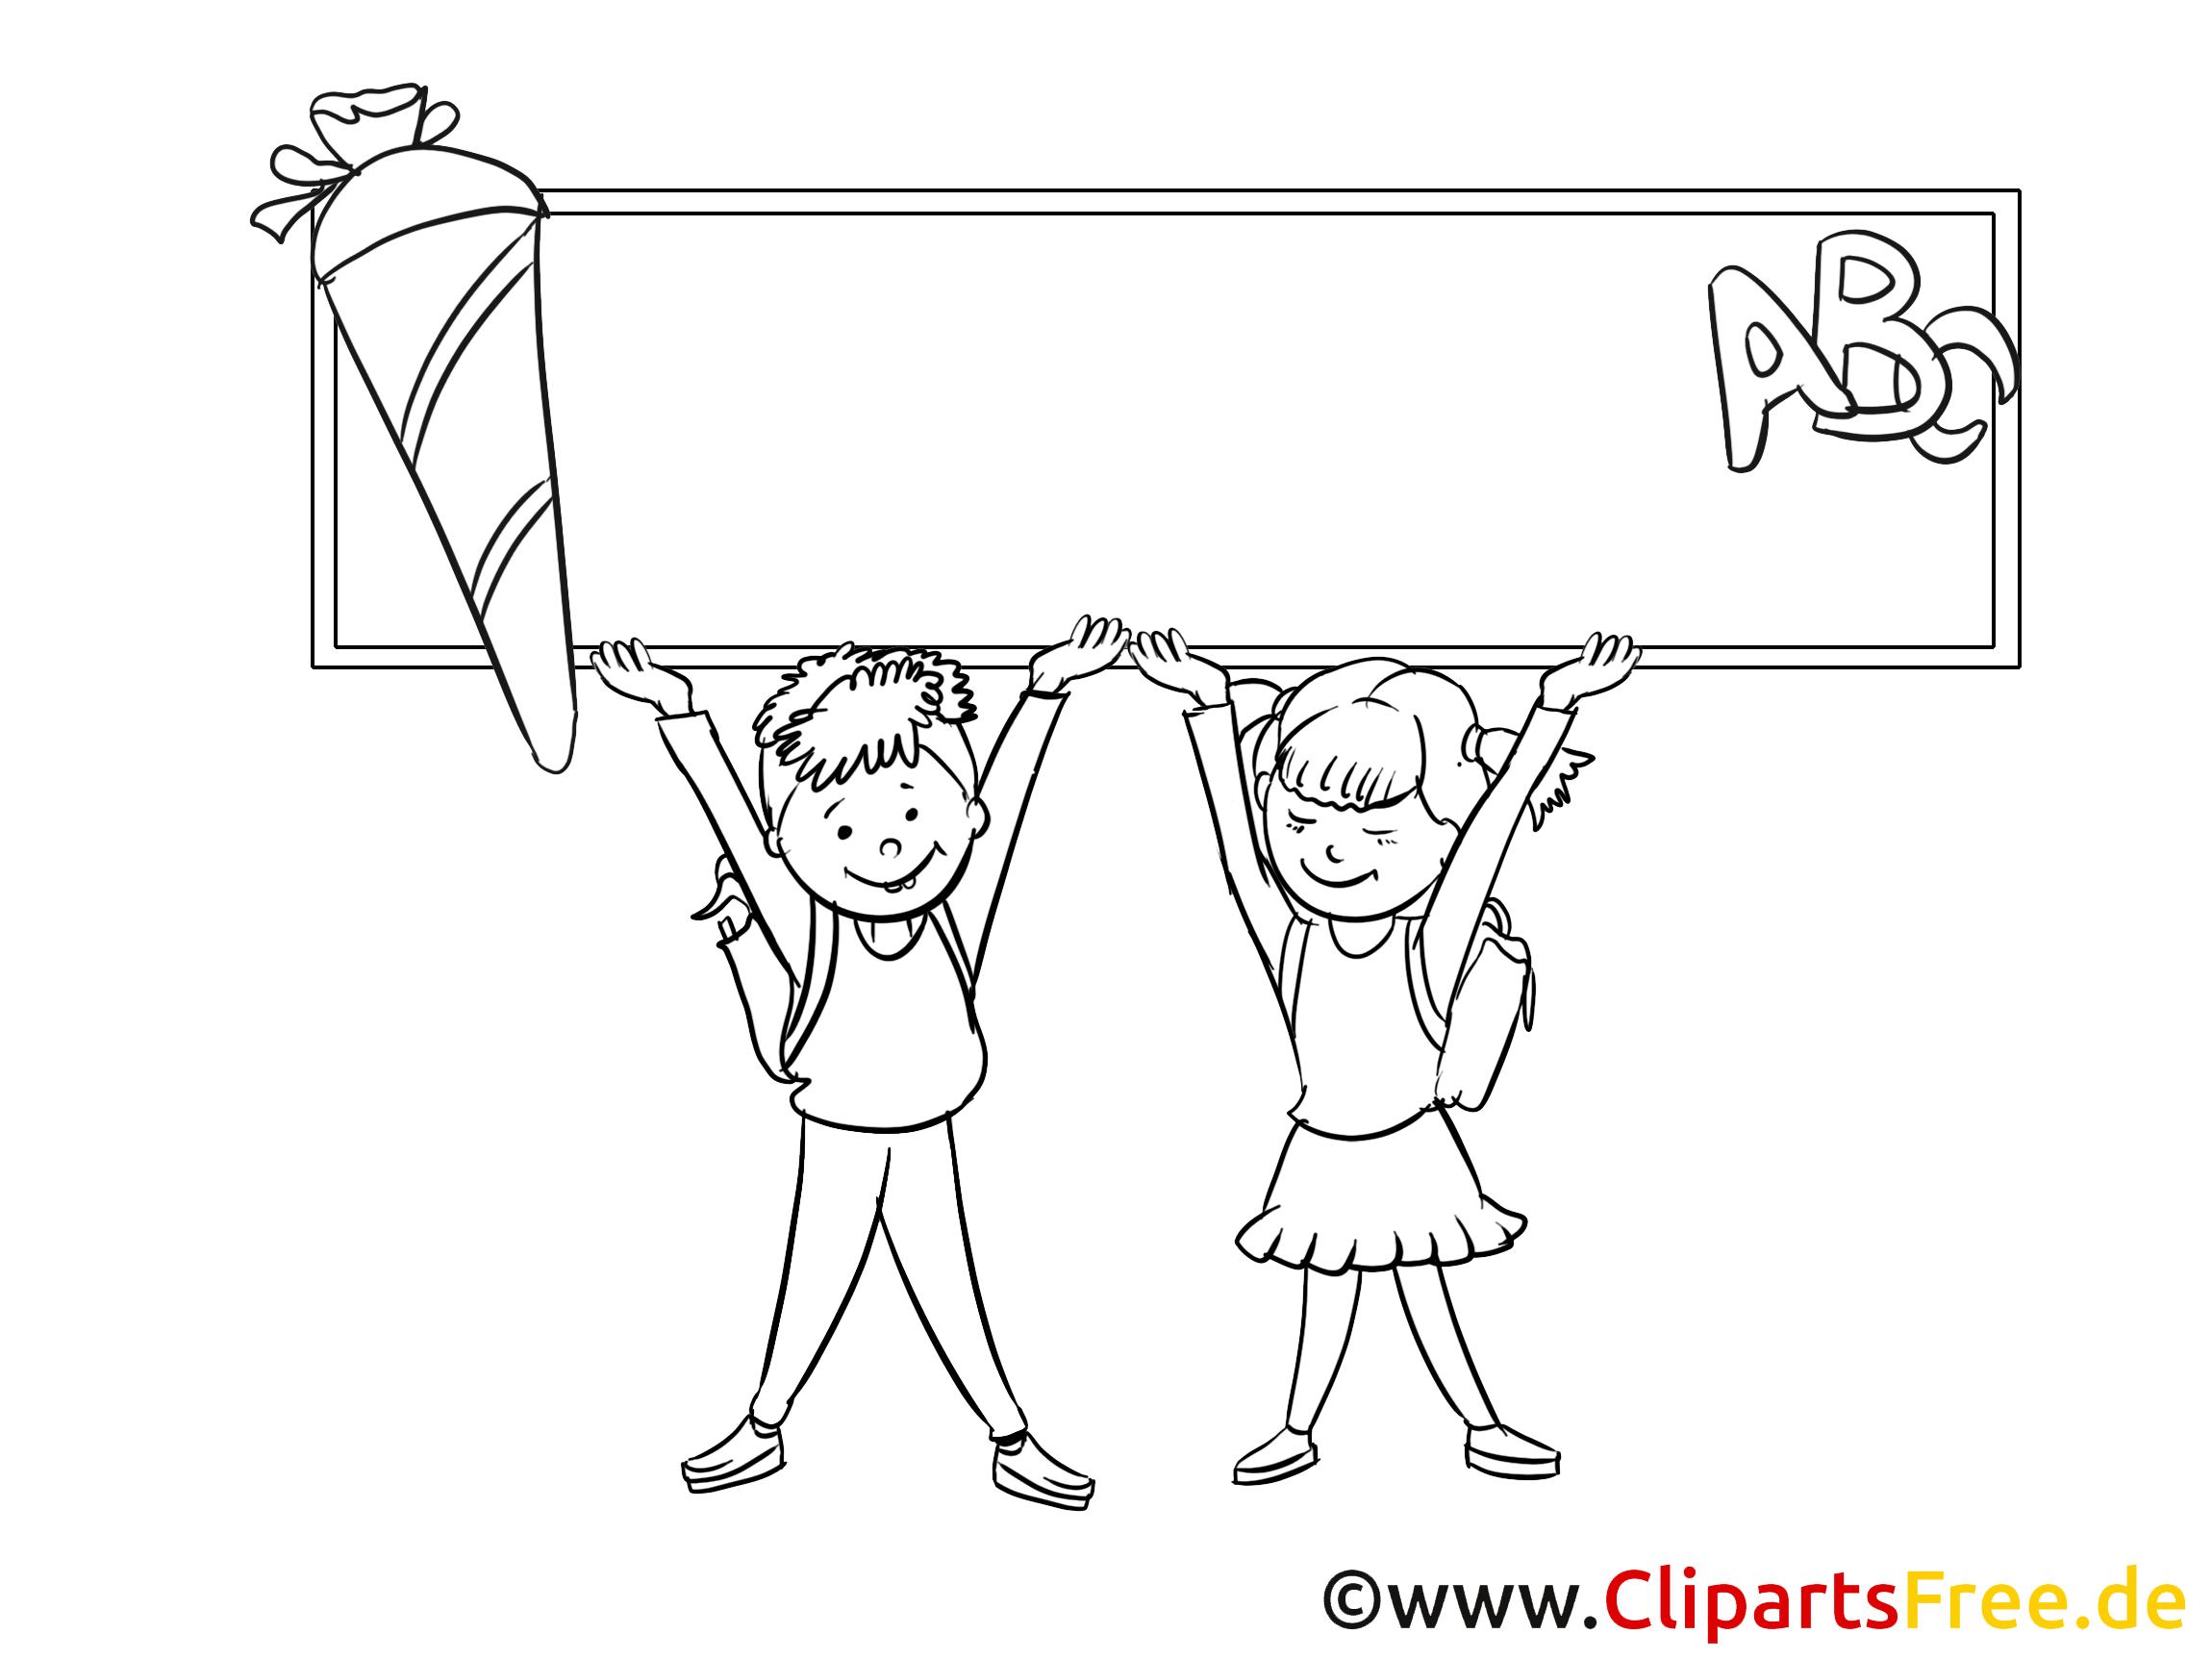 École images gratuites – Élémentaire à colorier